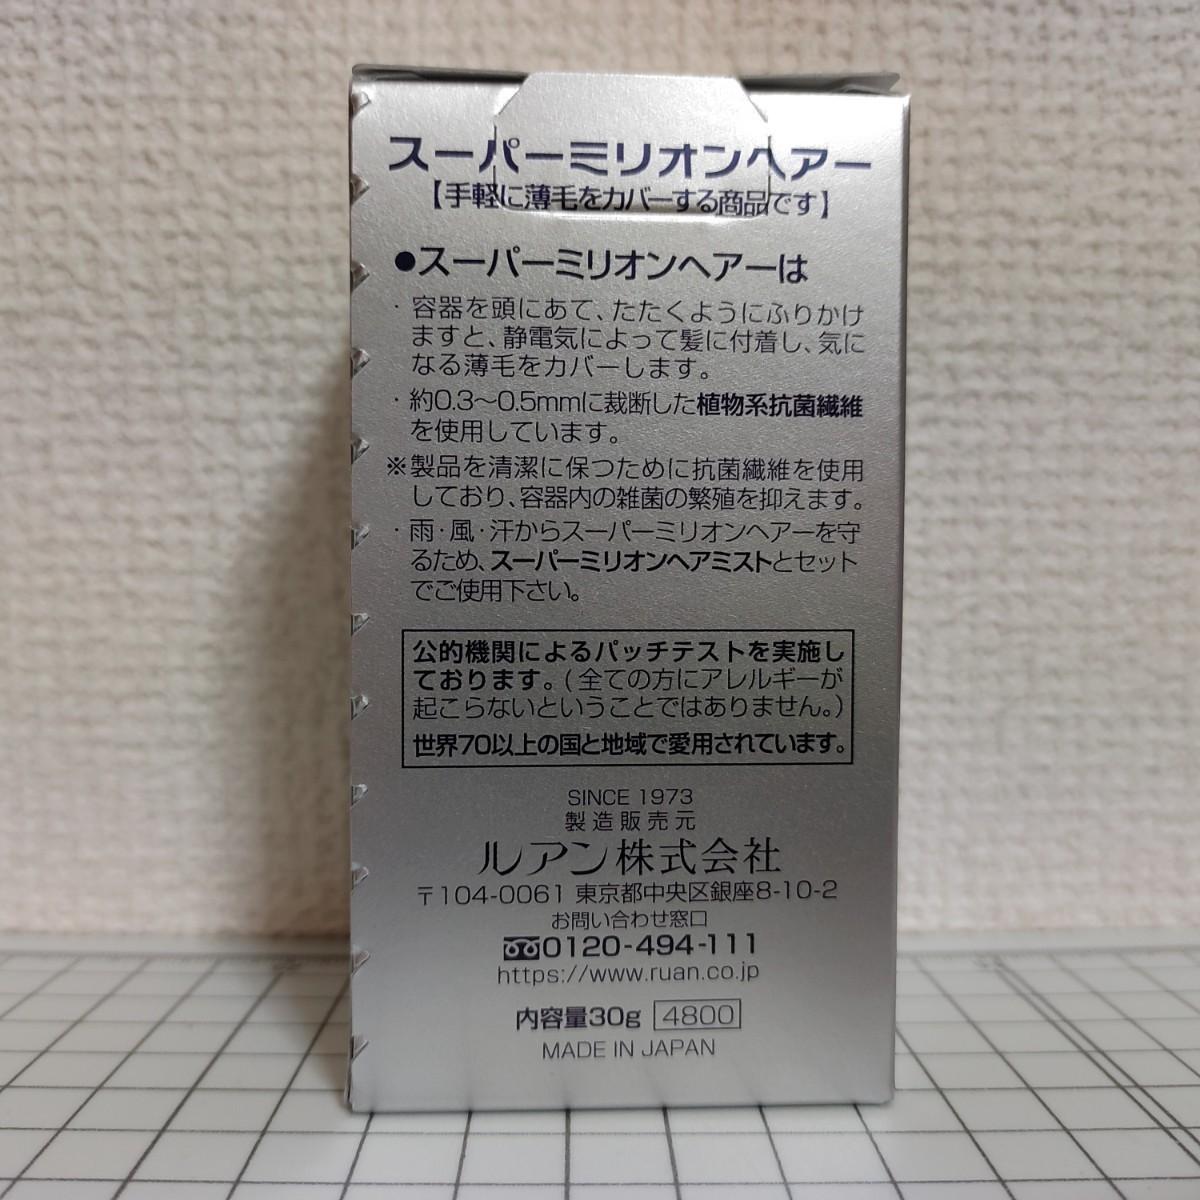 スーパーミリオンヘアー ブラック 30g 3箱 新品・未開封